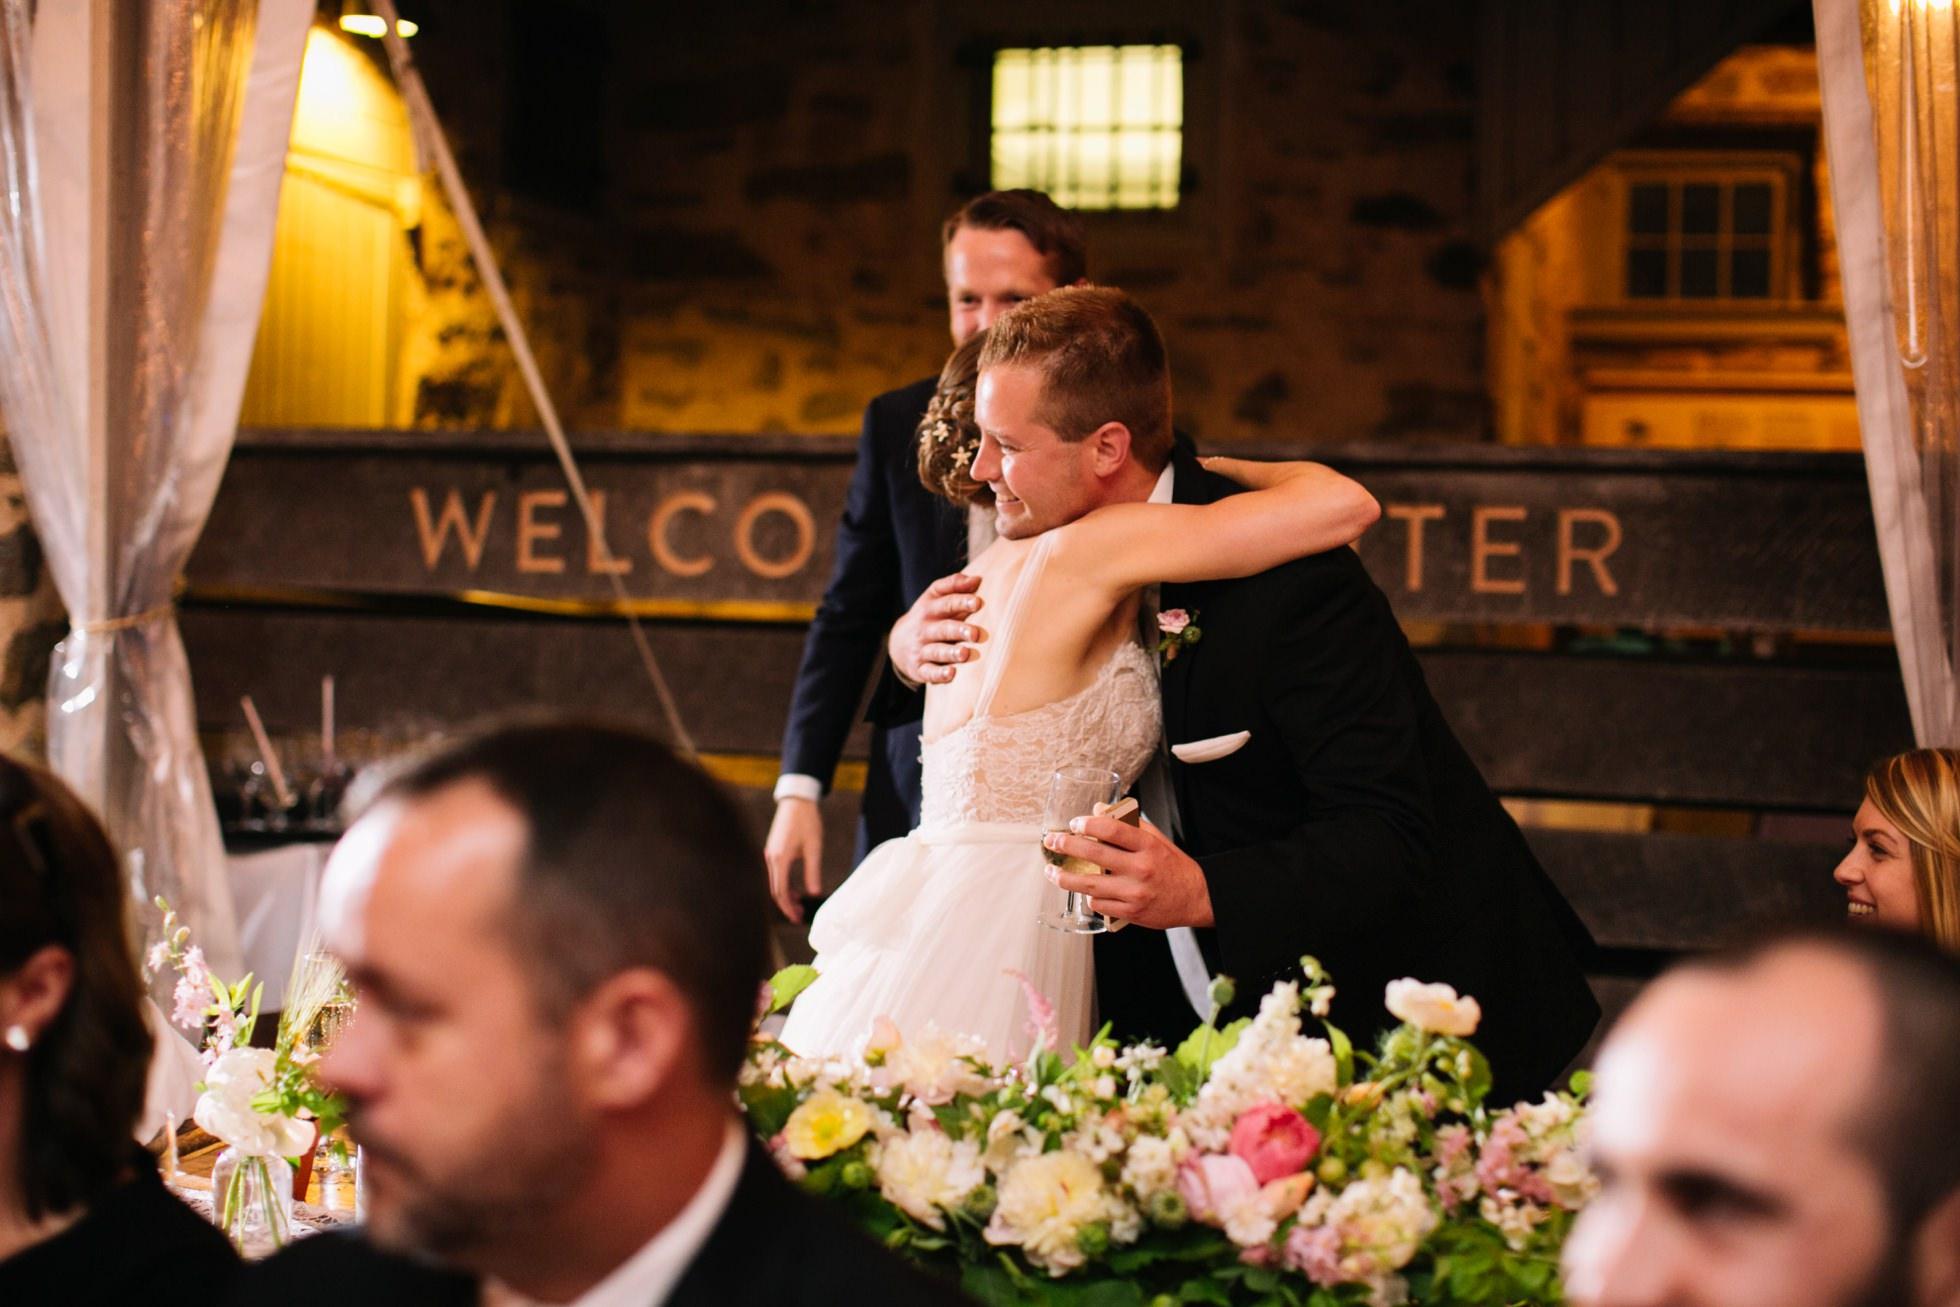 Romantic Bartram's Garden Outdoor Summer Wedding, Philadelphia | brittneyraine.com 098